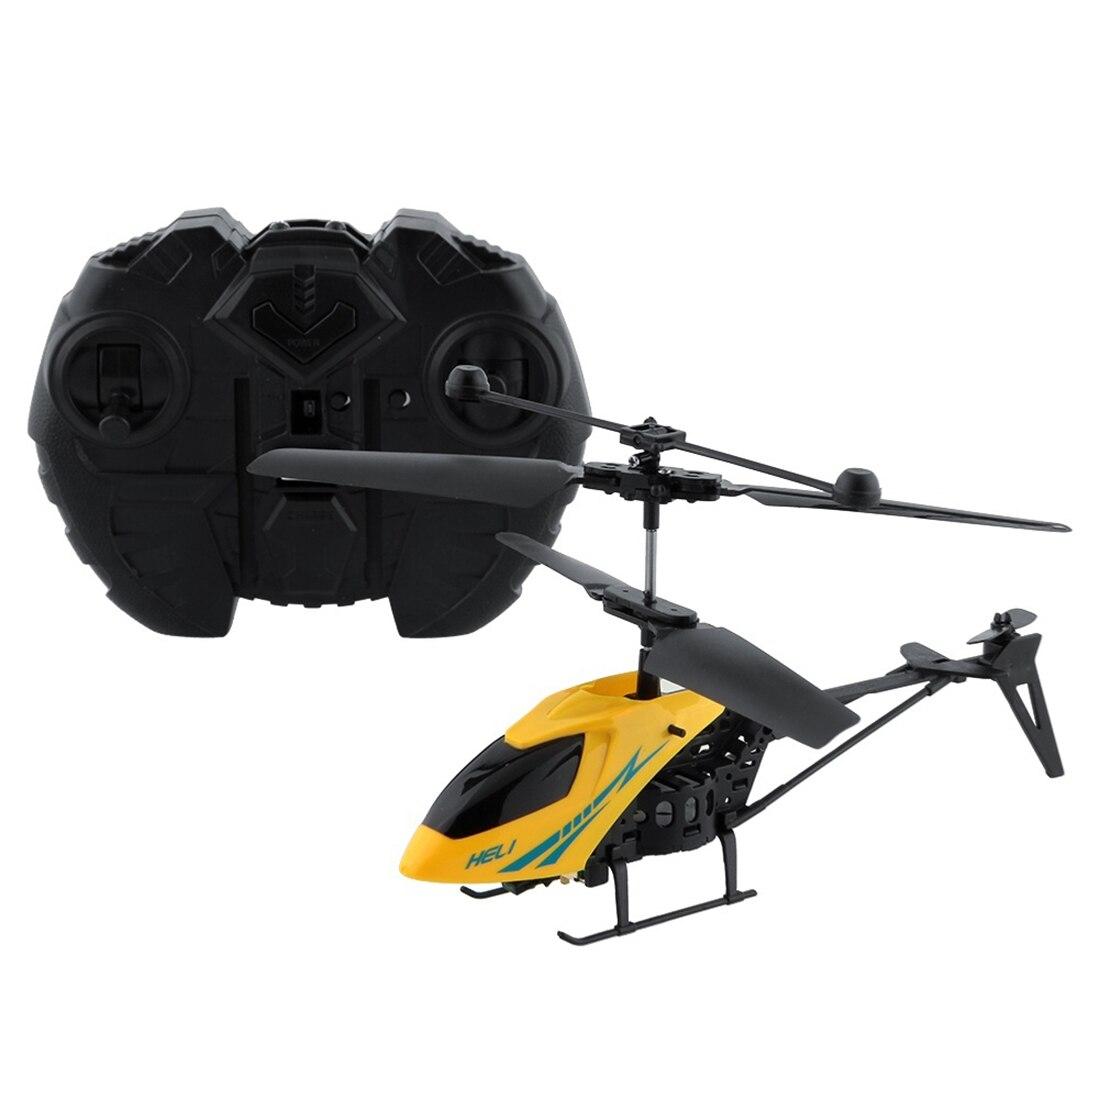 Новый MJ ударостойкого Радио Дистанционное управление самолета 2.5ch я/R Quadcopter Вертолет Подарки для детей